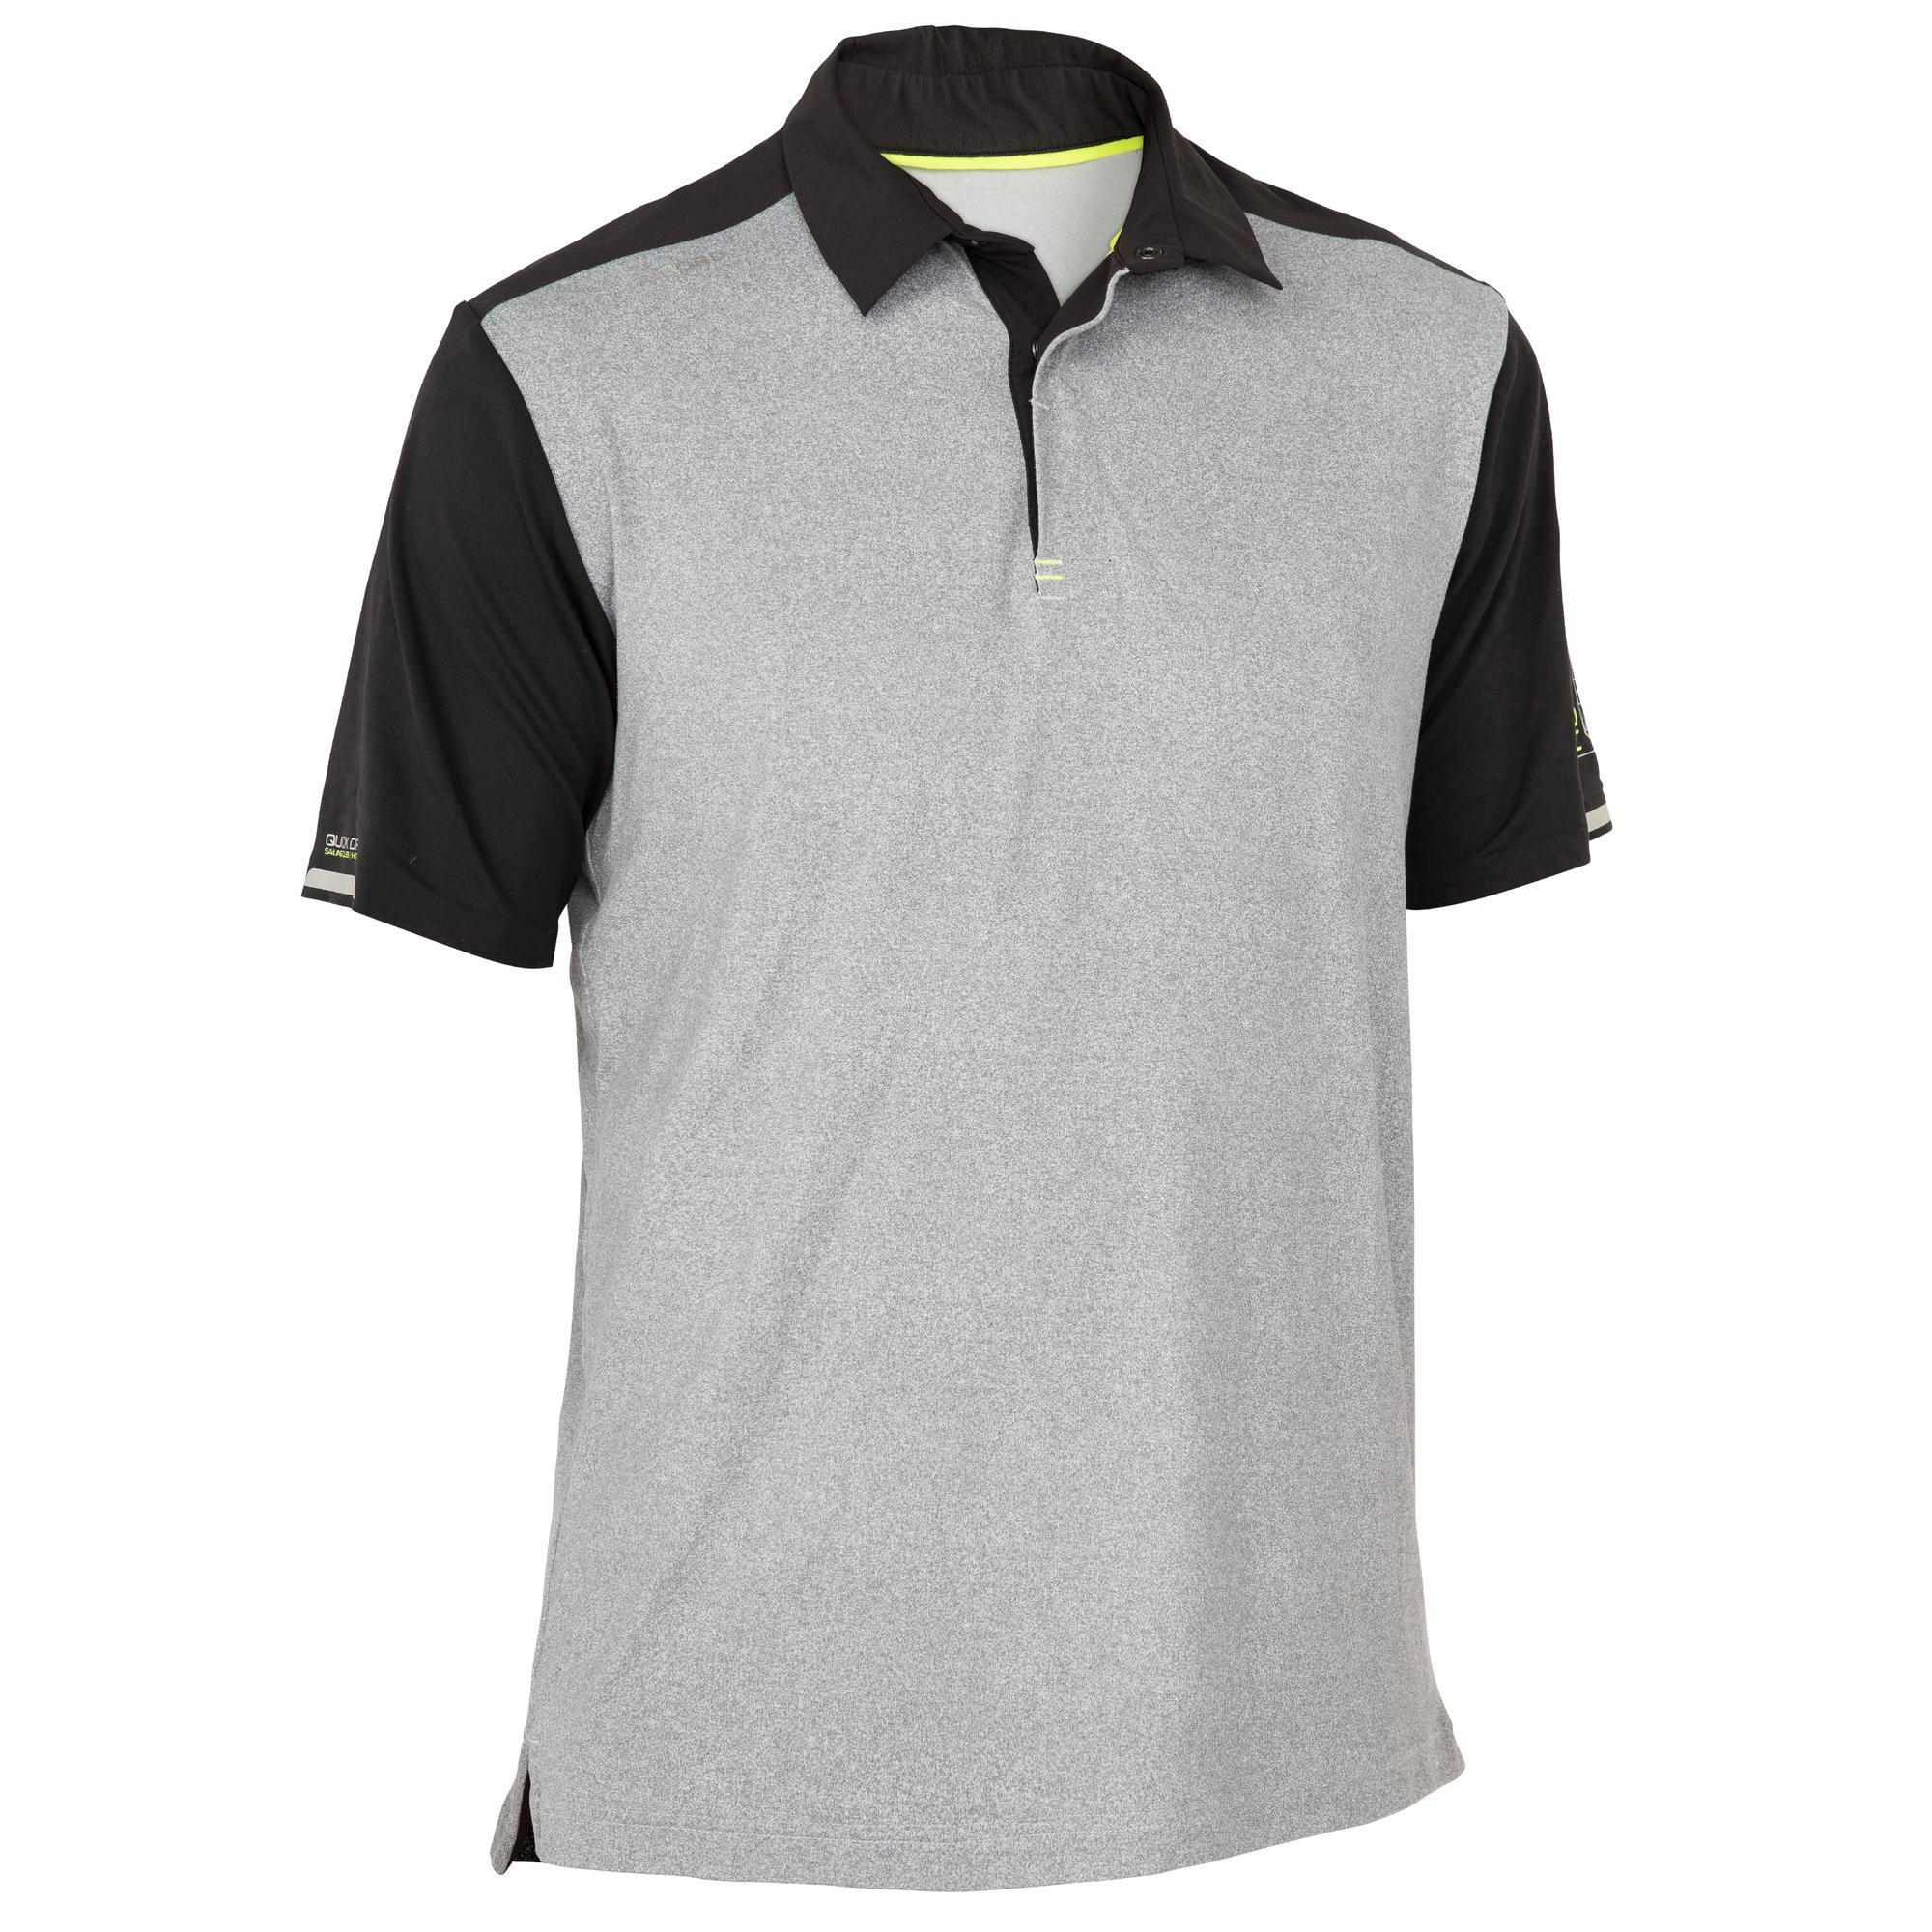 Poloshirt kurzarm Segeln Race 500 Herren graumeliert